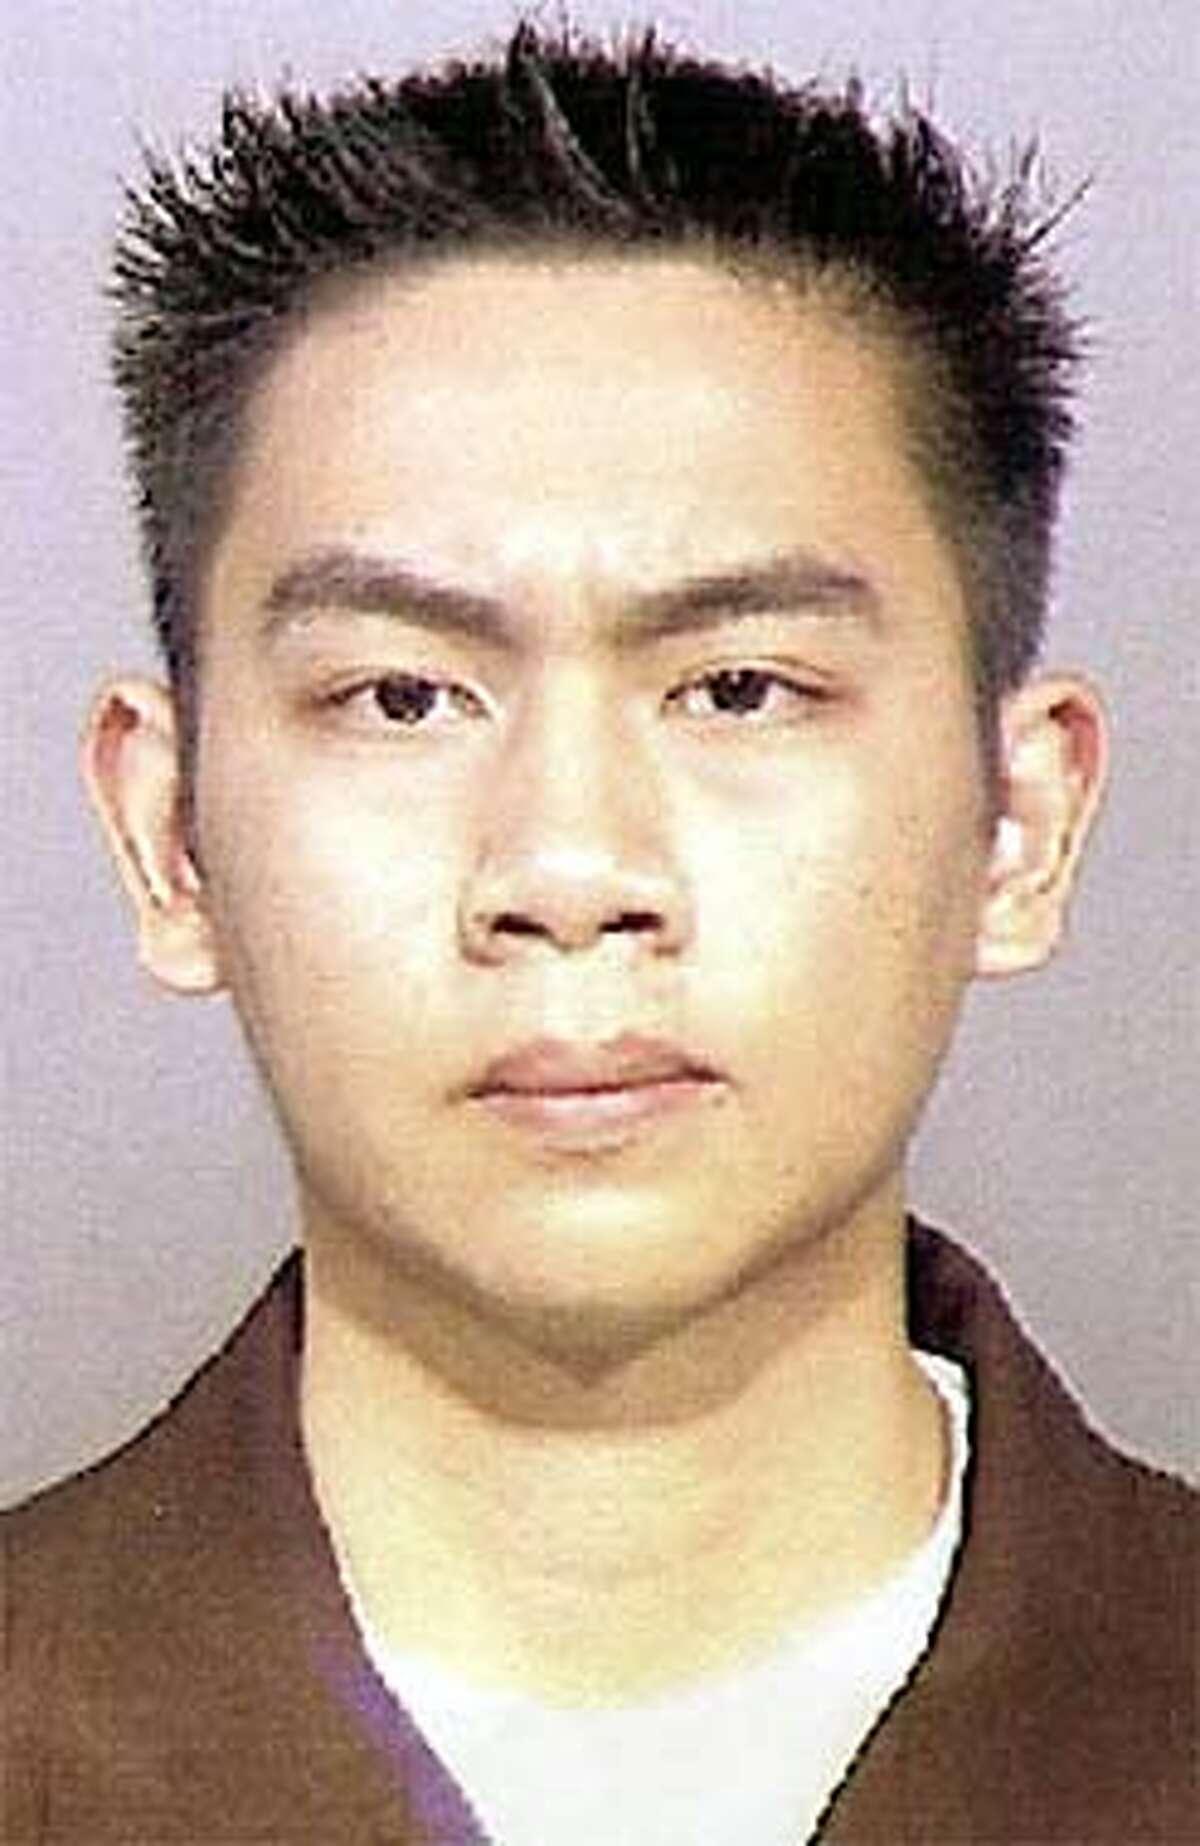 Al Joseph DeGuzman is suspect in custody for planning to bomb De Anza College in Cupertino. DOB: 10/23/81 San Jose Police HO.